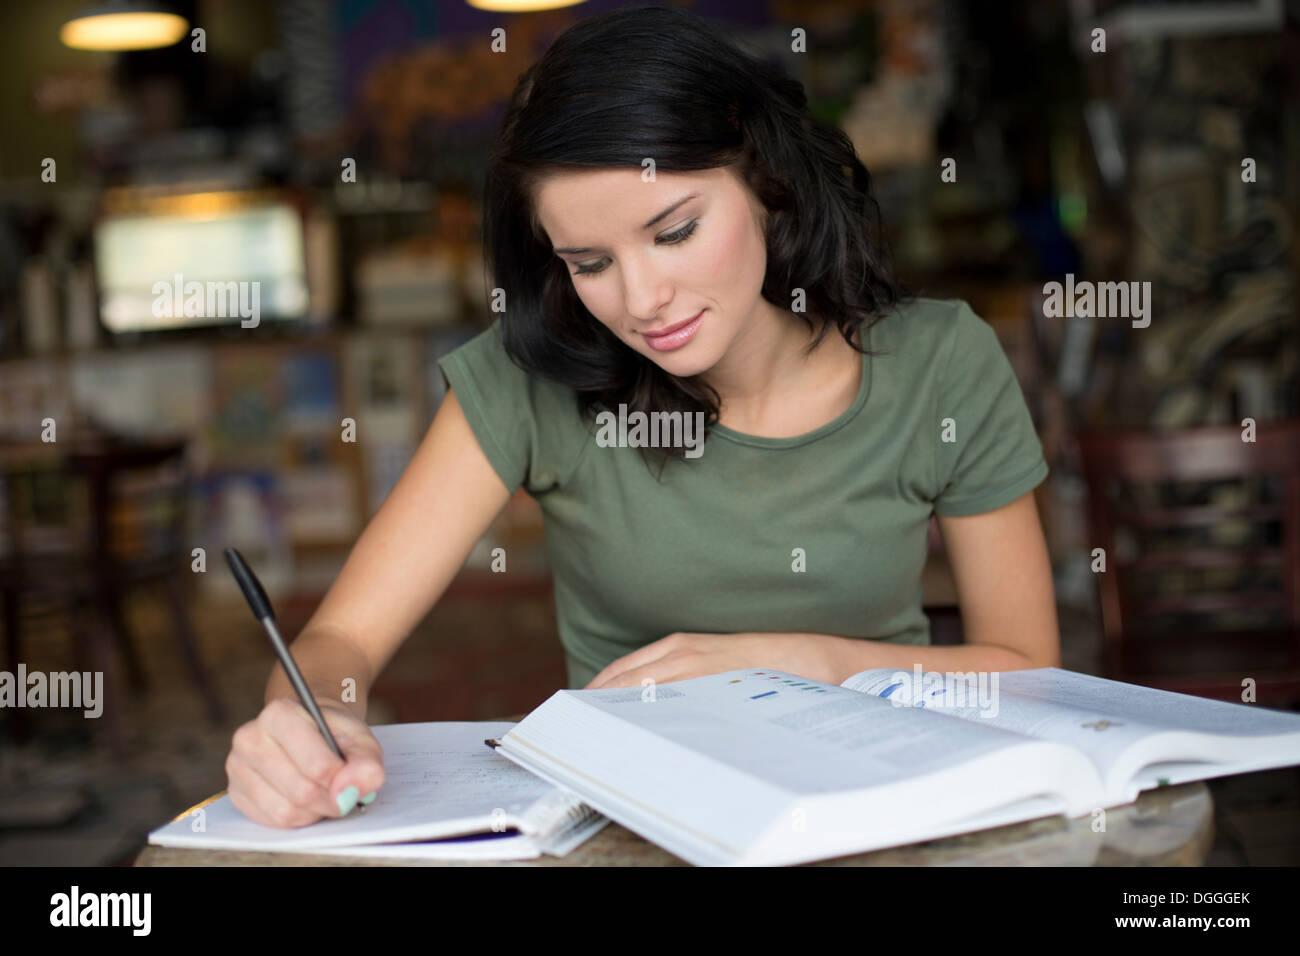 Porträt von Teenager-Mädchen studieren im Kaffeehaus Stockbild